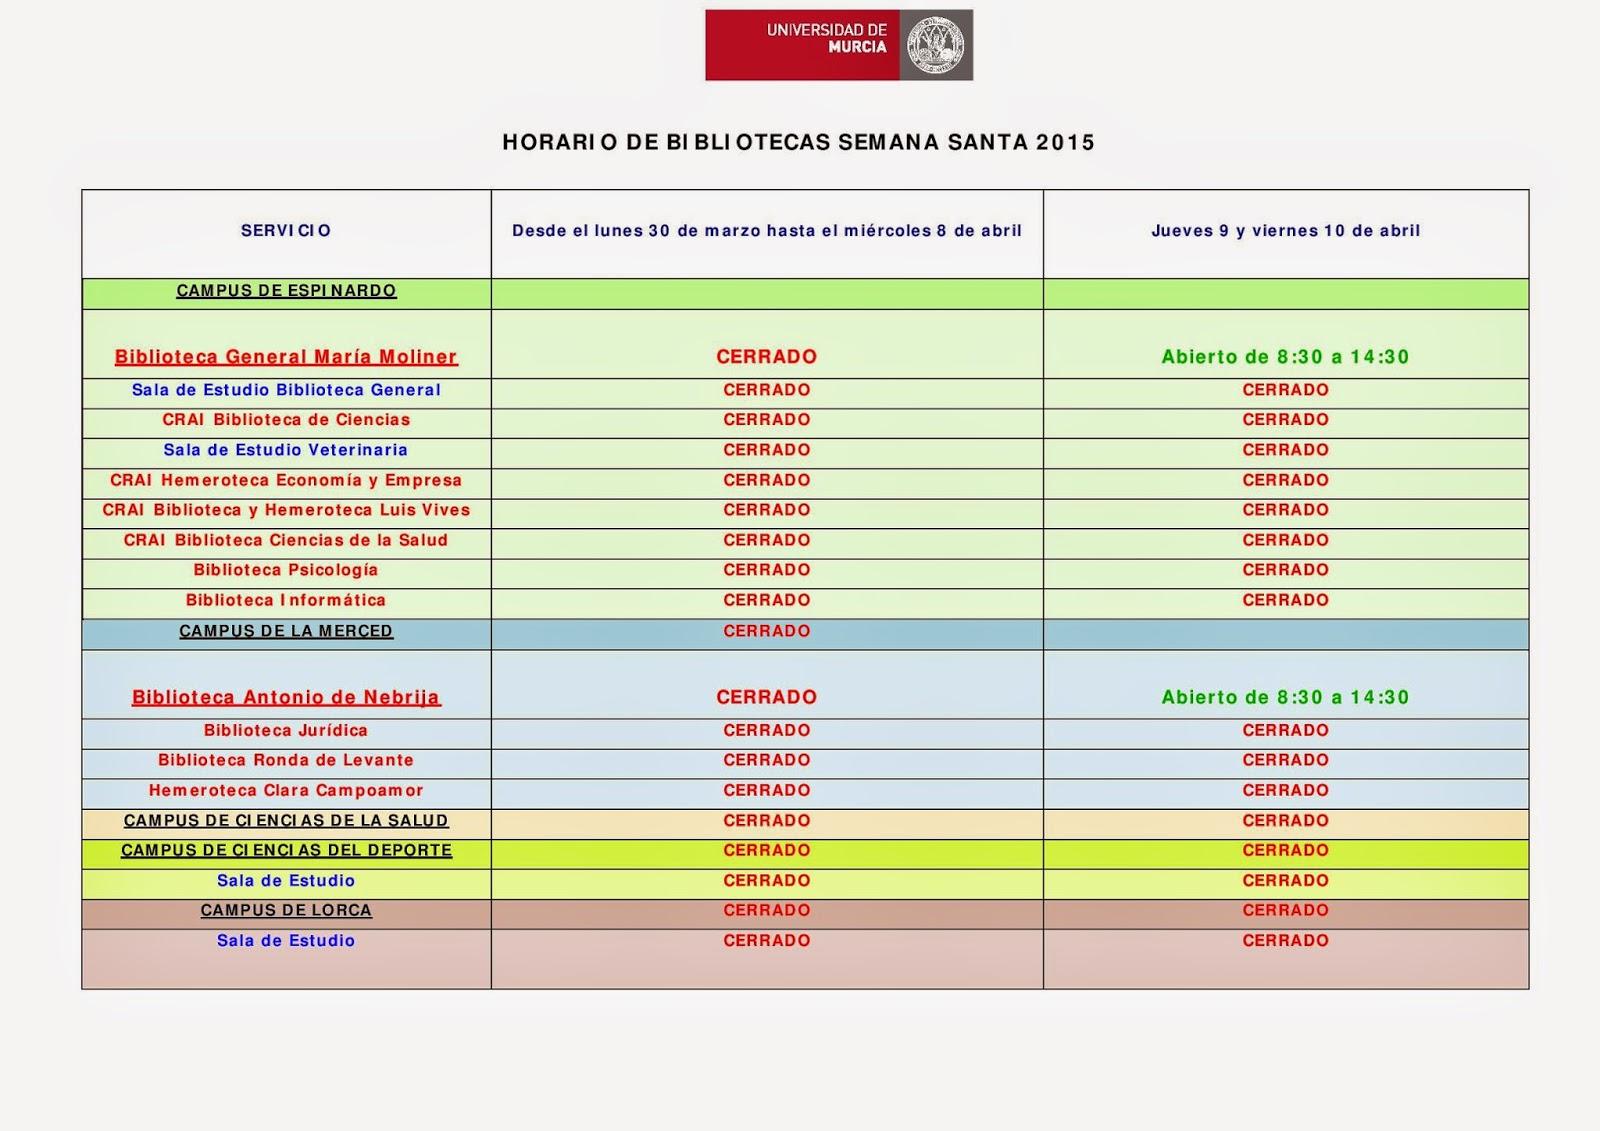 Horario extraordinario de la Semana Santa - Fiestas de Primavera 2015.